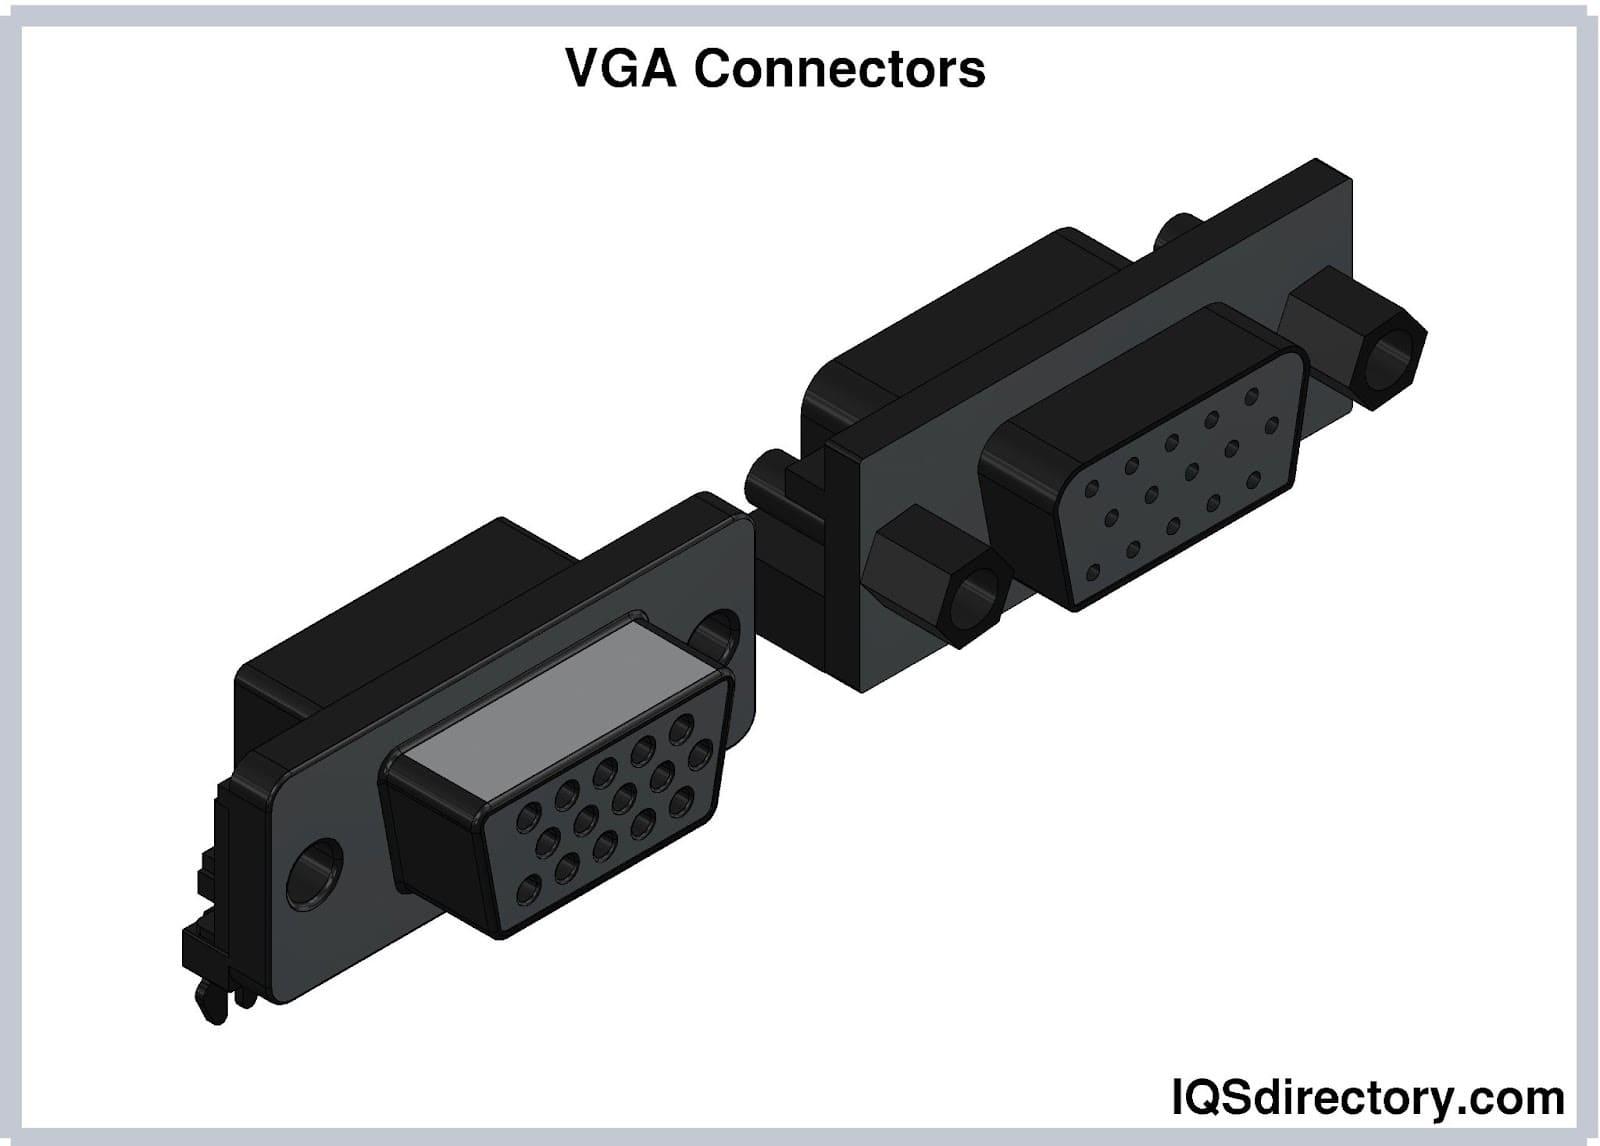 VGA Connectors